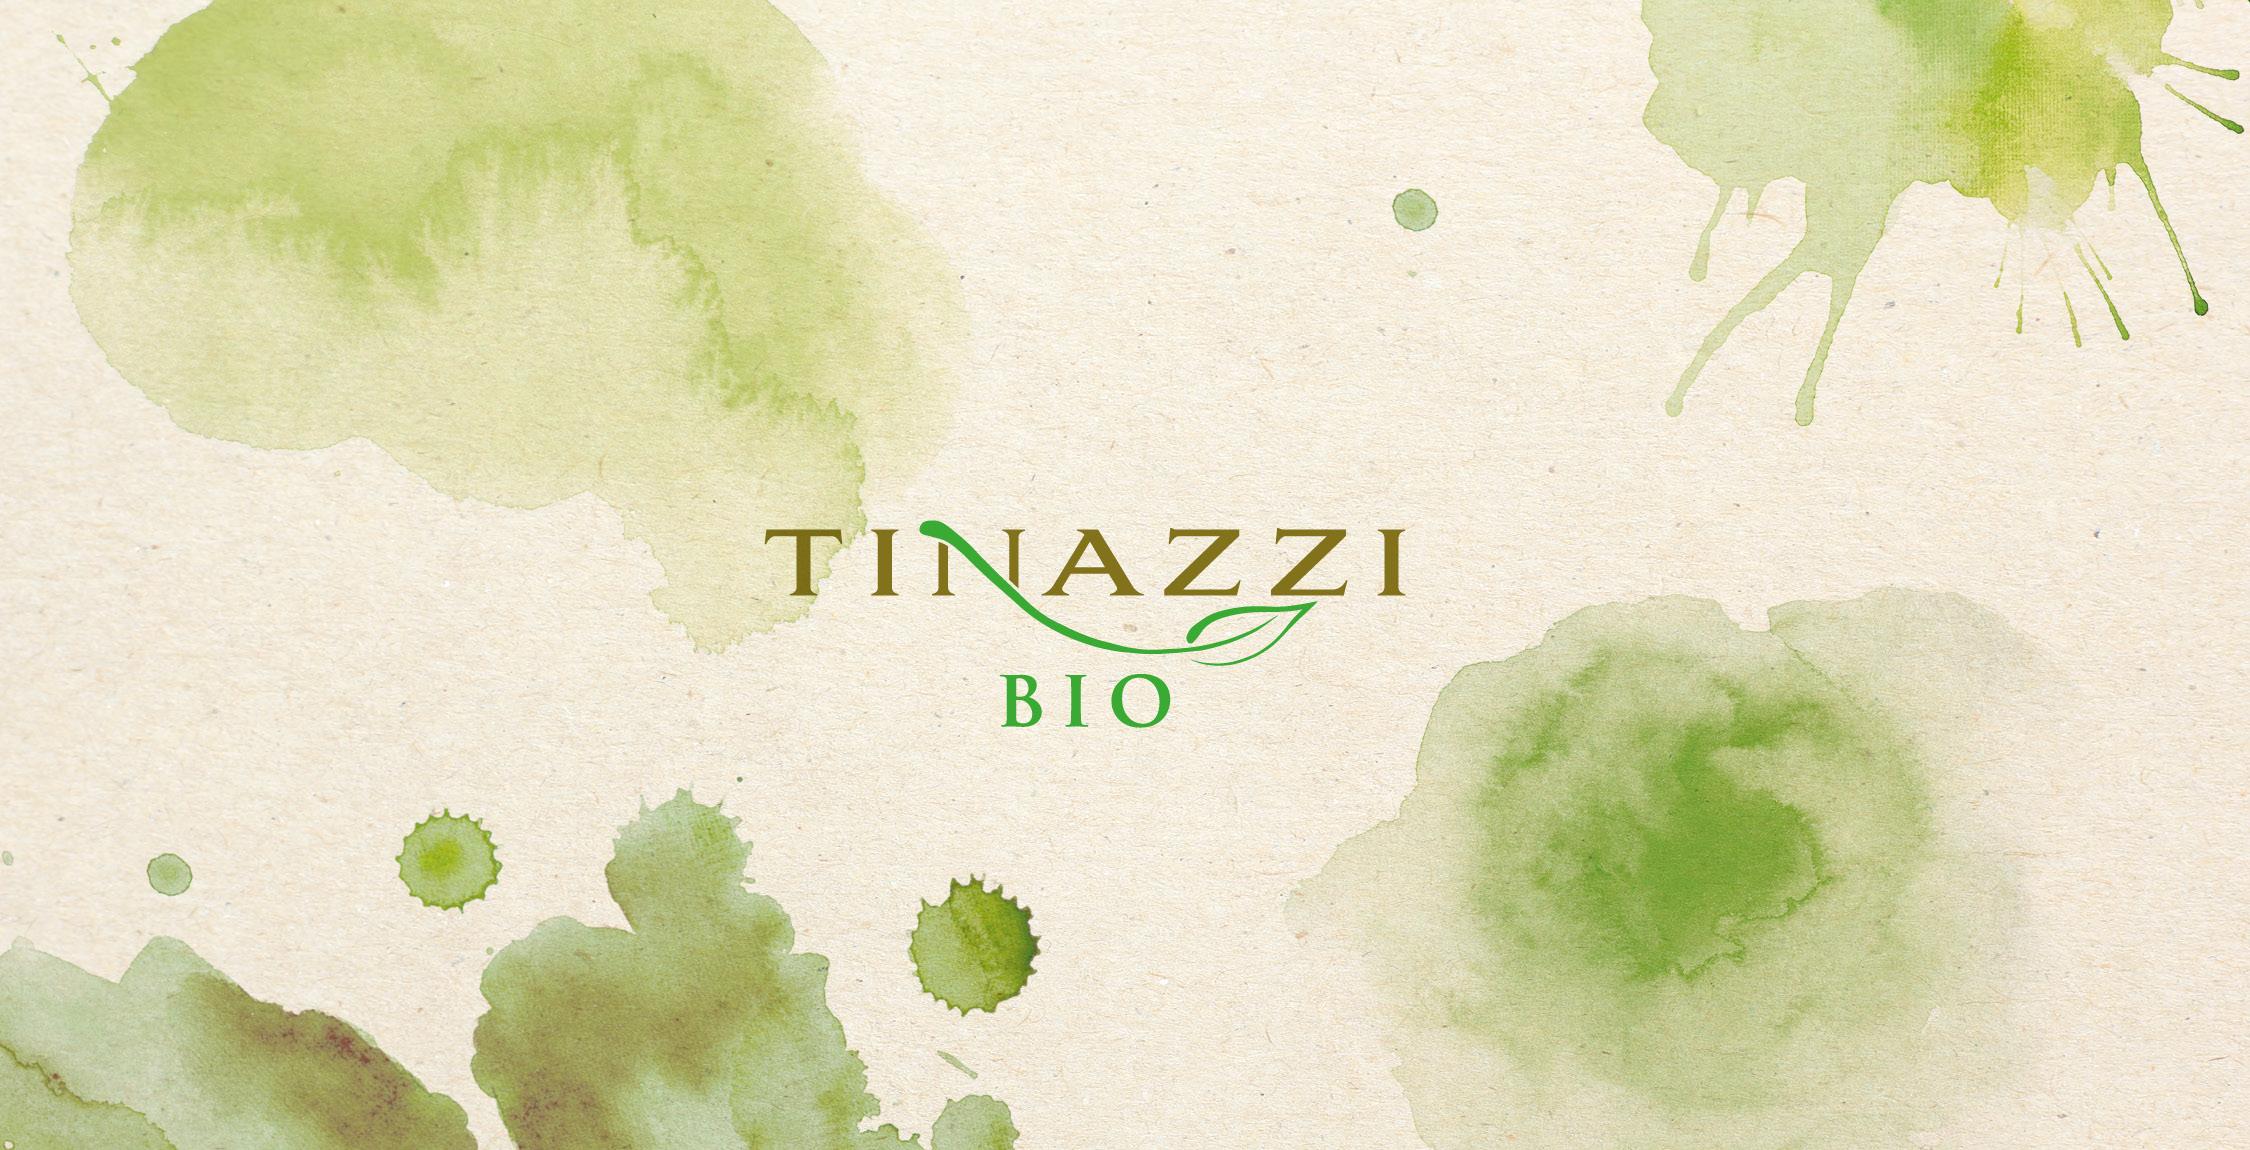 tinazzi-bio